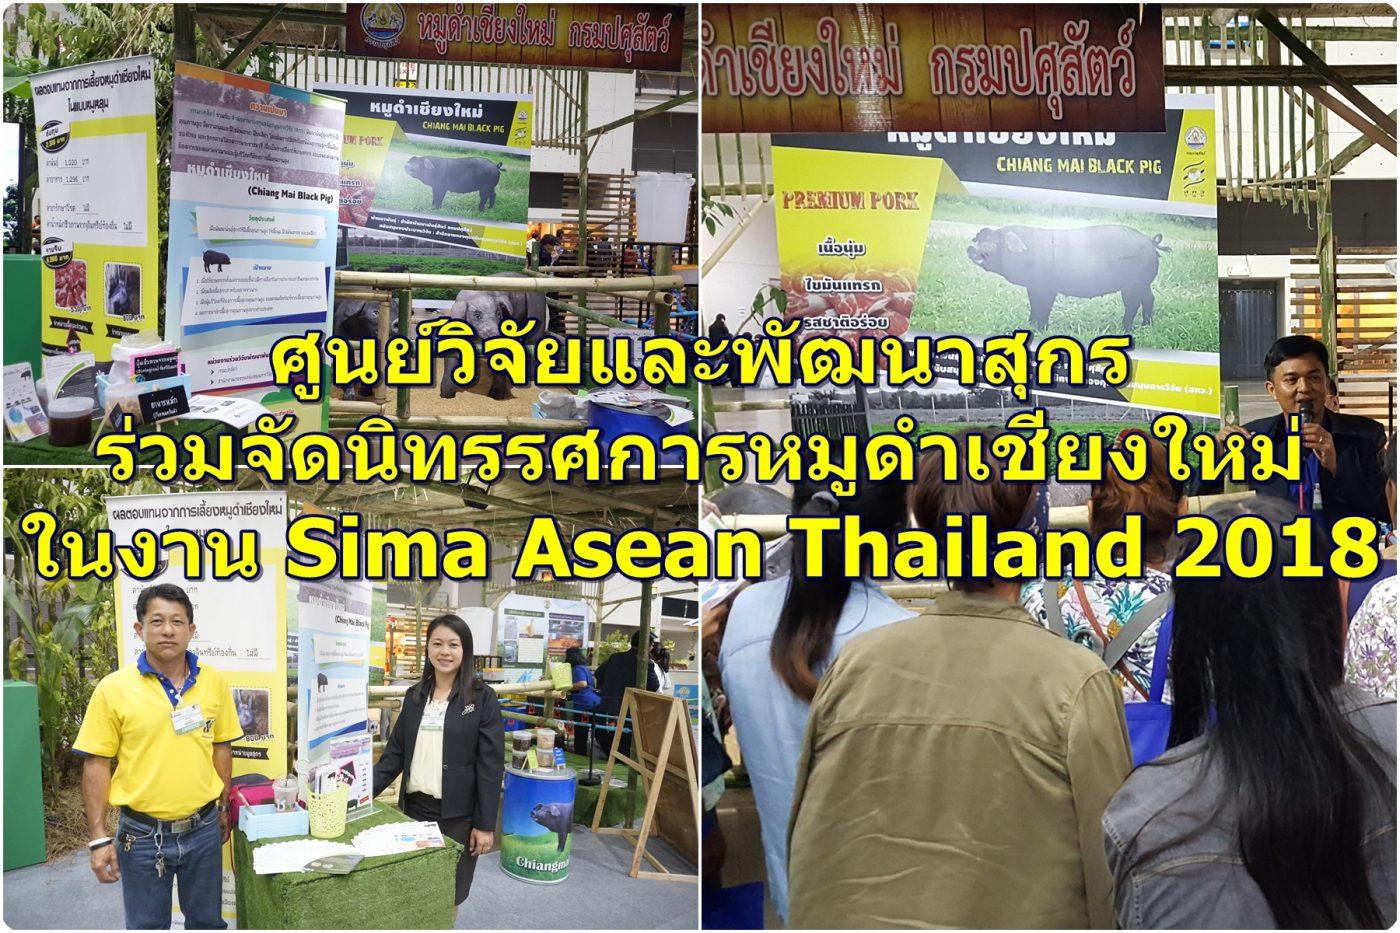 ร่วมจัดนิทรรศการหมูดำเชียงใหม่ ในงาน Sima Asean Thailand 2018